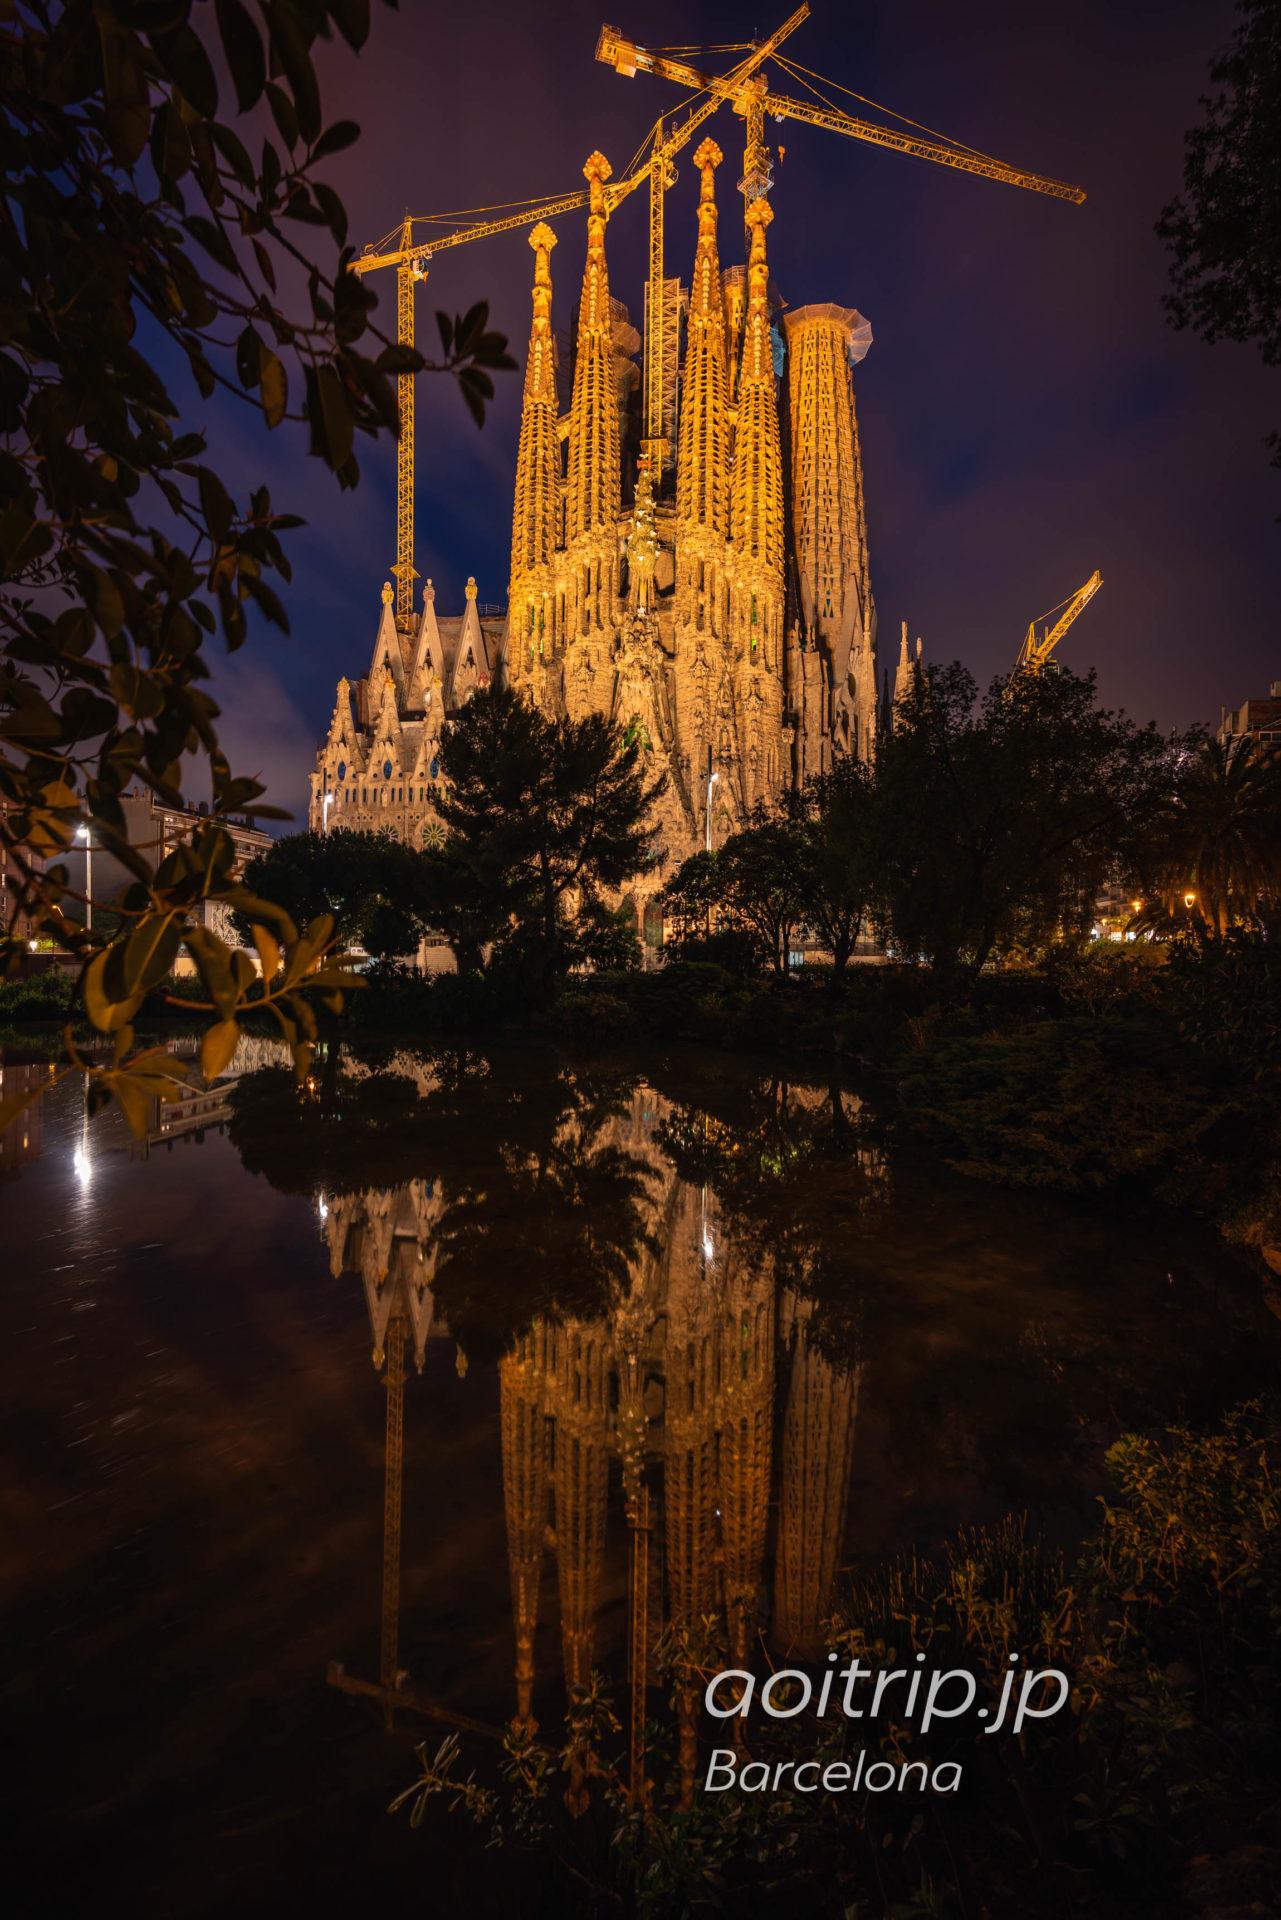 夜の鏡張りサグラダファミリア 生誕のファサード